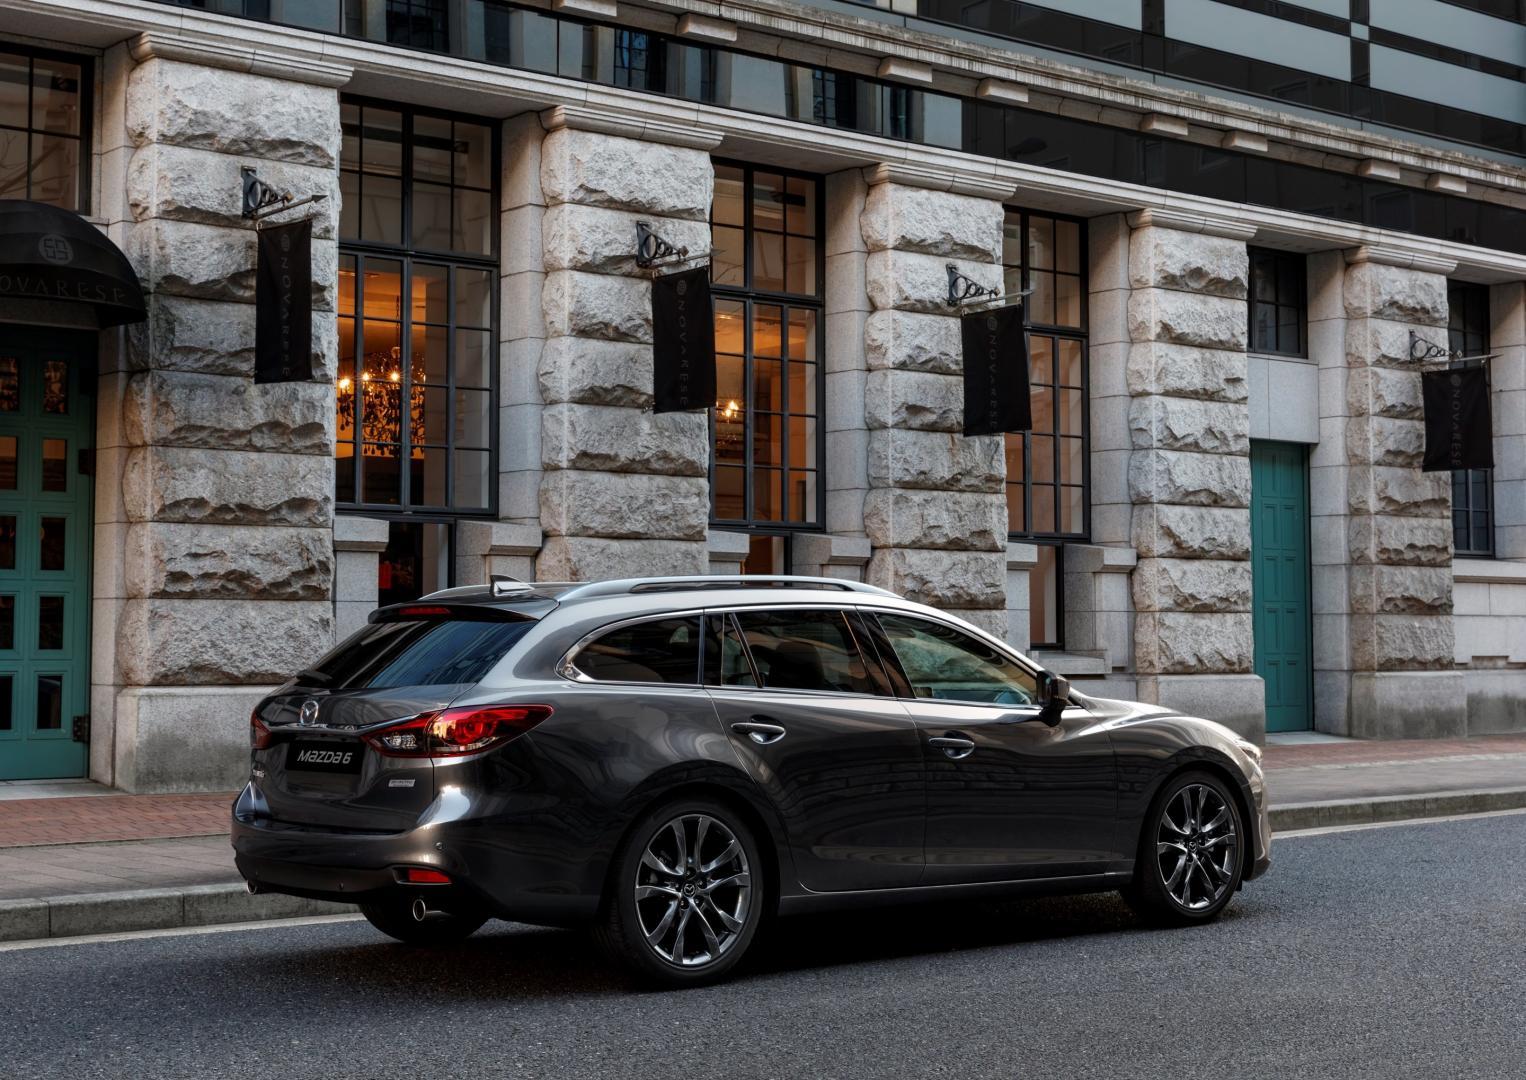 Mazda6 Modeljaar 2017